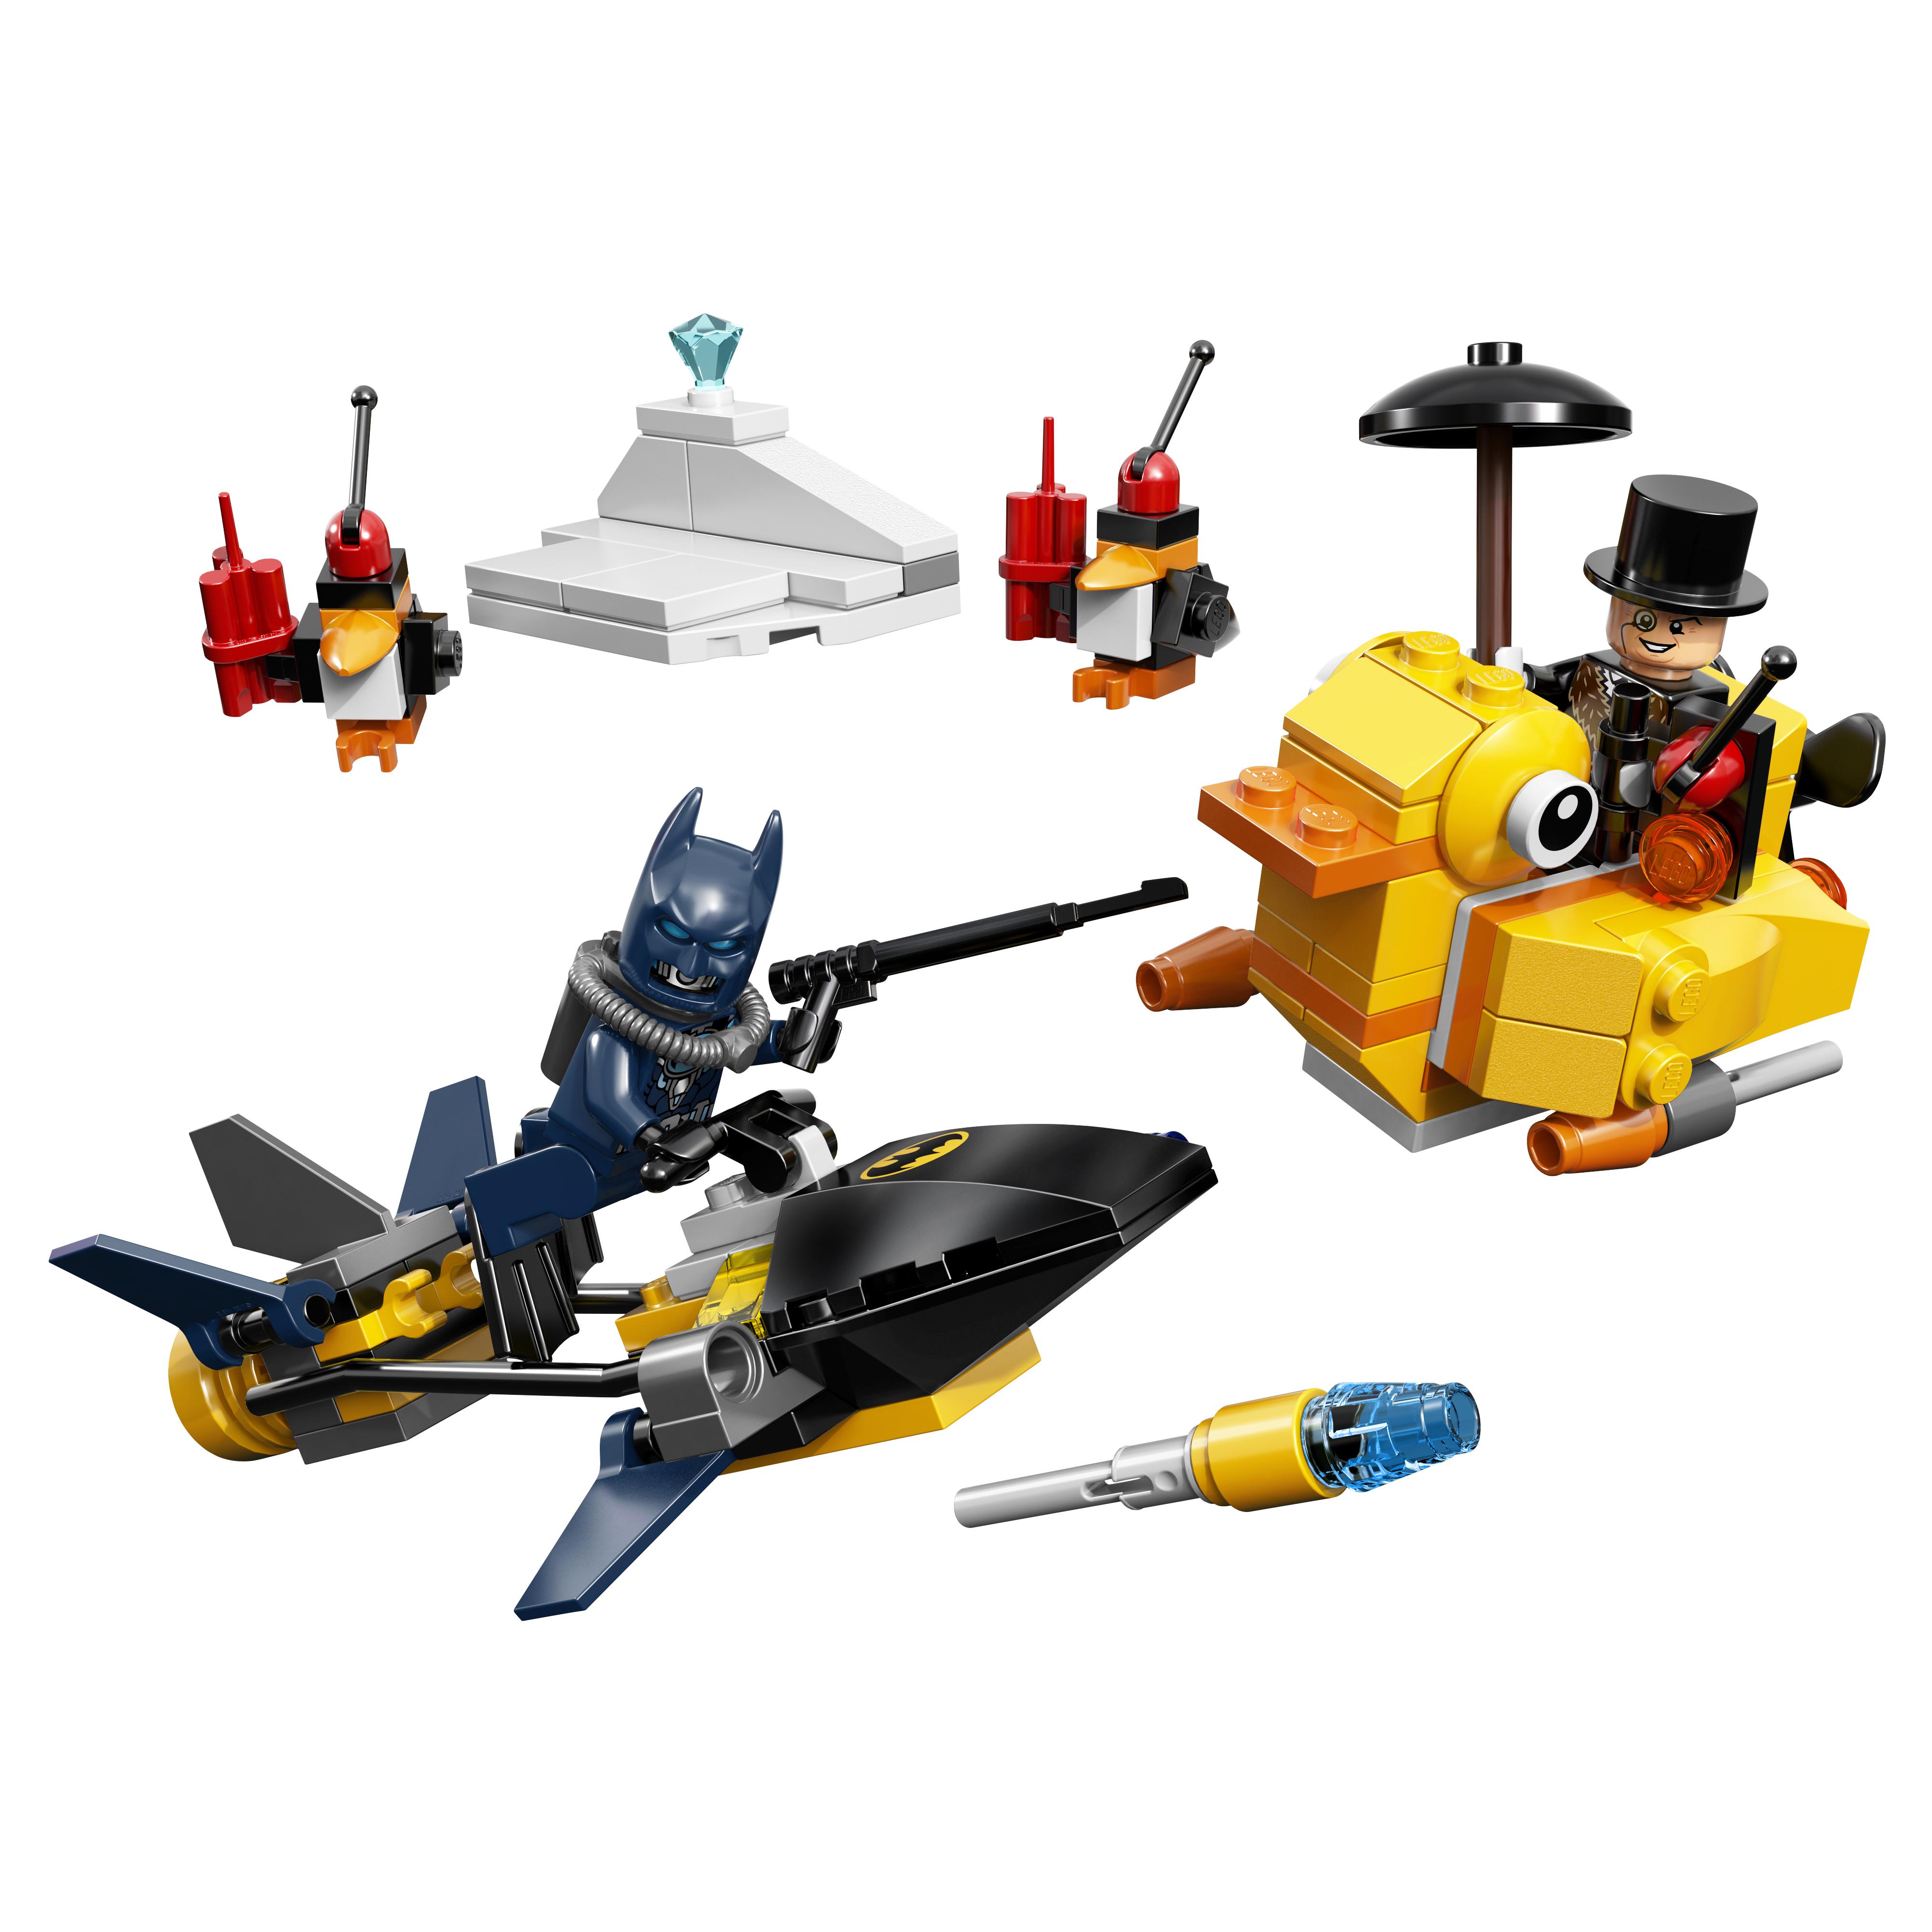 Конструктор LEGO DC Comics Super Heroes Бэтмен: Пингвинья Битва (76010) фото